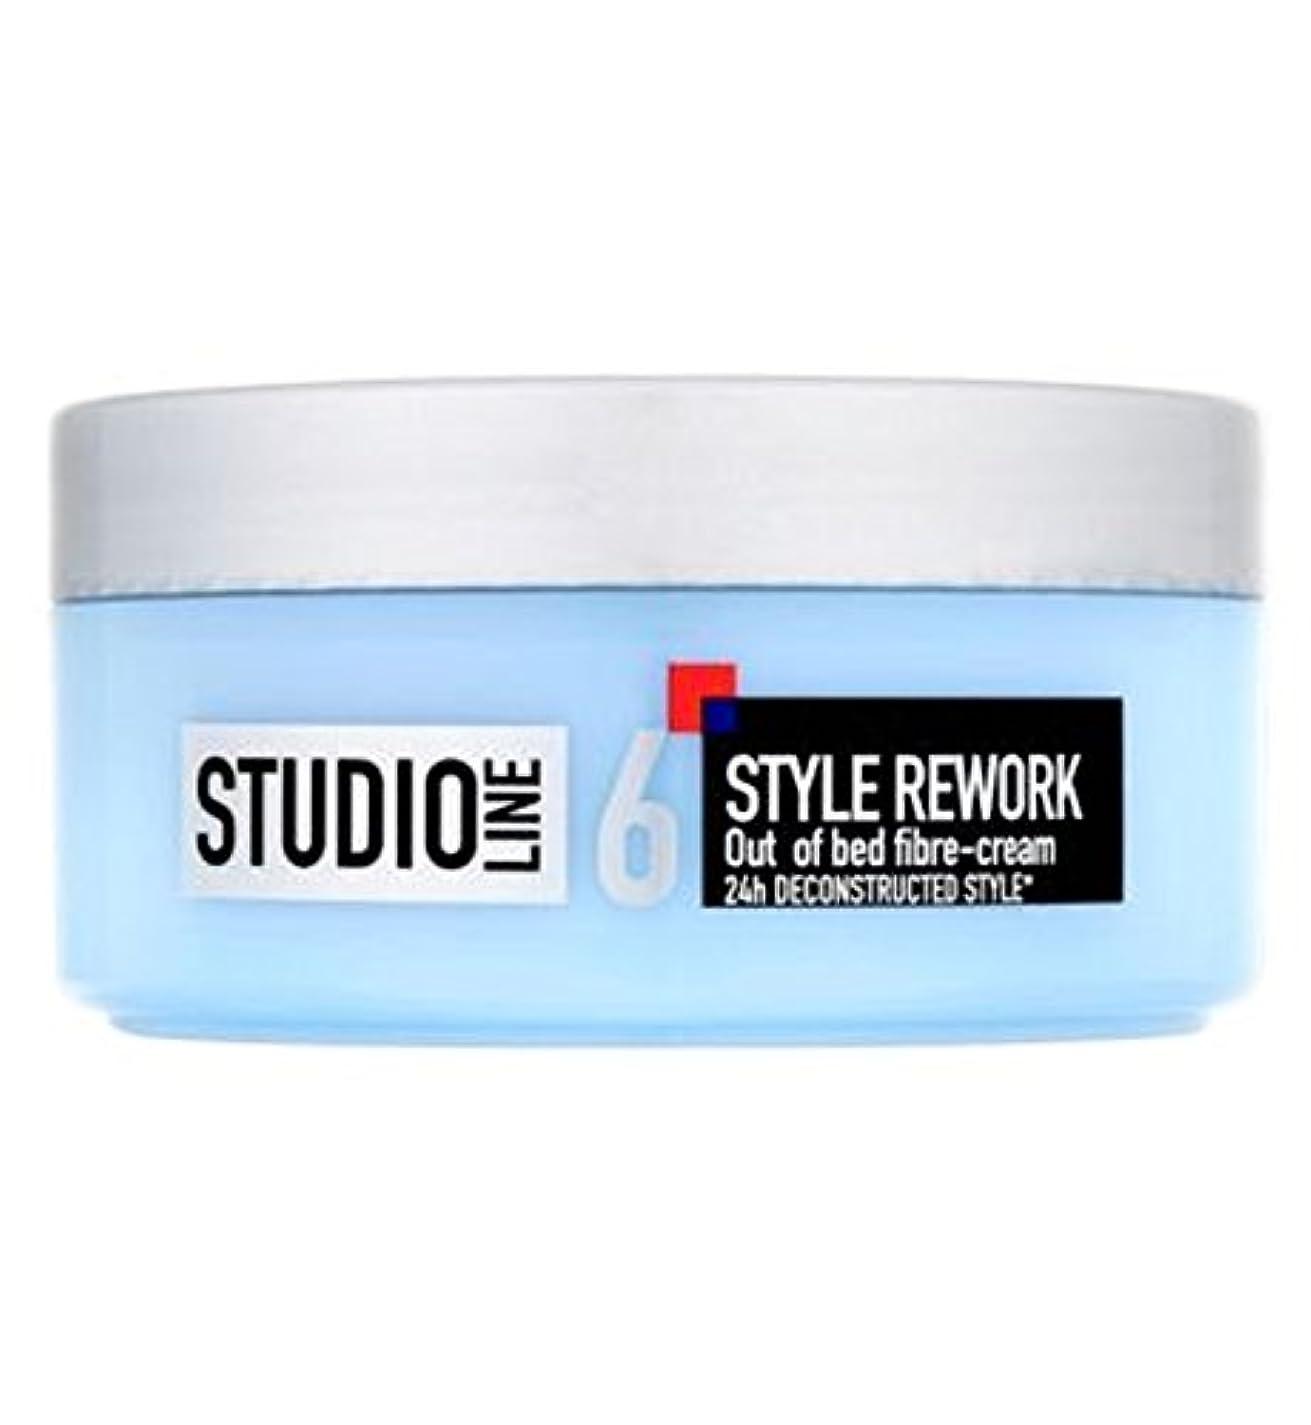 剣バンド聖書L'Oreall Studio Line Style Rework Out of Bed Fibre-Cream 150ml - ベッドファイバークリーム150ミリリットルのうちL'Oreallスタジオ線スタイルリワーク...